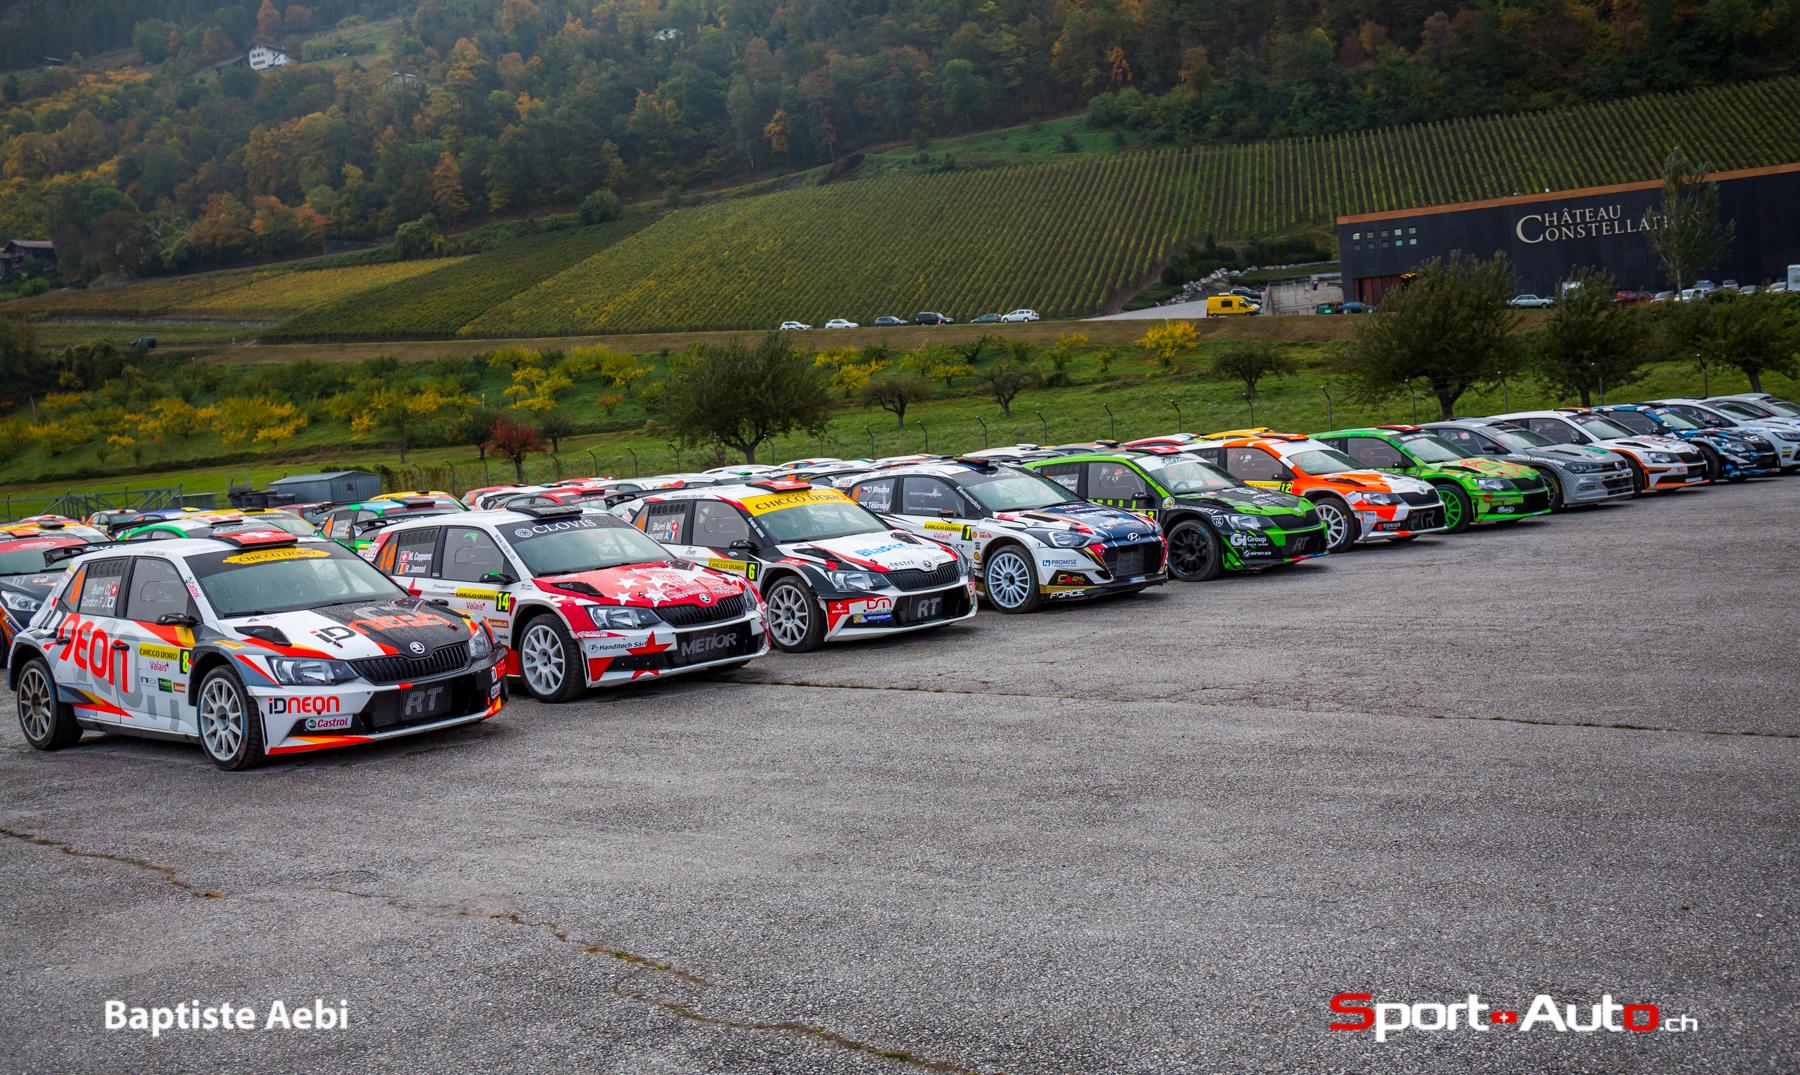 Entretien avec Cédric Borboën : L'avenir du Rallye International du Valais